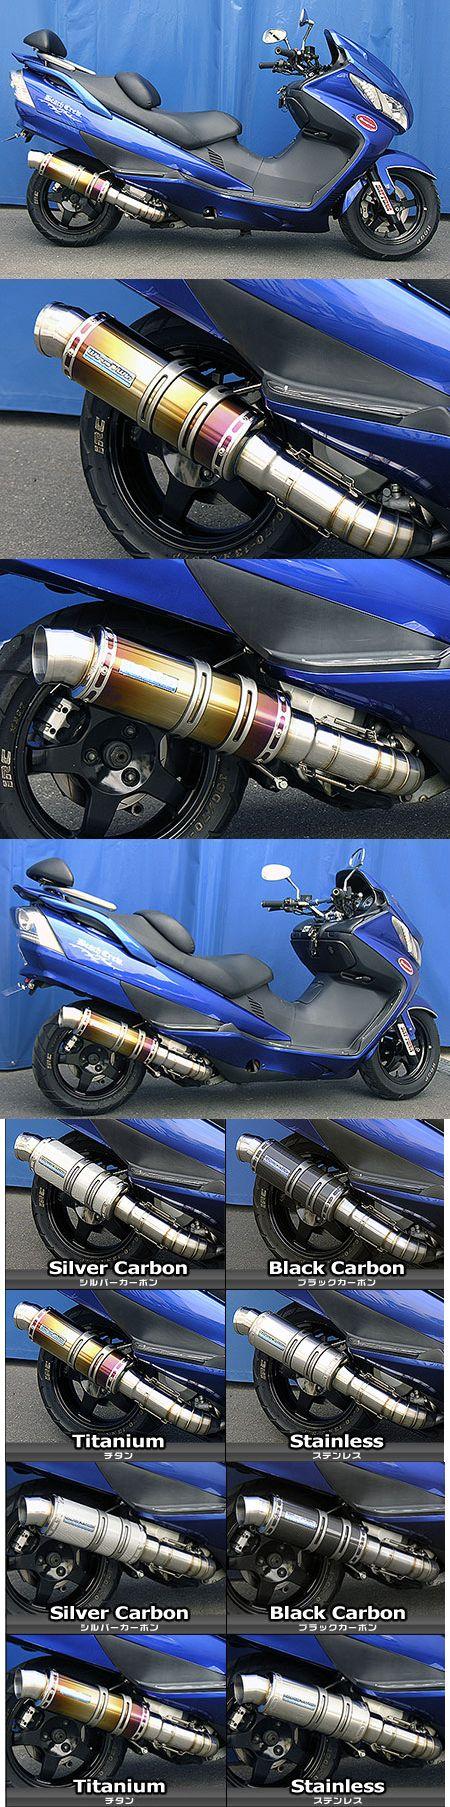 【WirusWin】Premium全段排氣管 鈦合金款式 附觸媒 (排氣淨化觸媒) - 「Webike-摩托百貨」